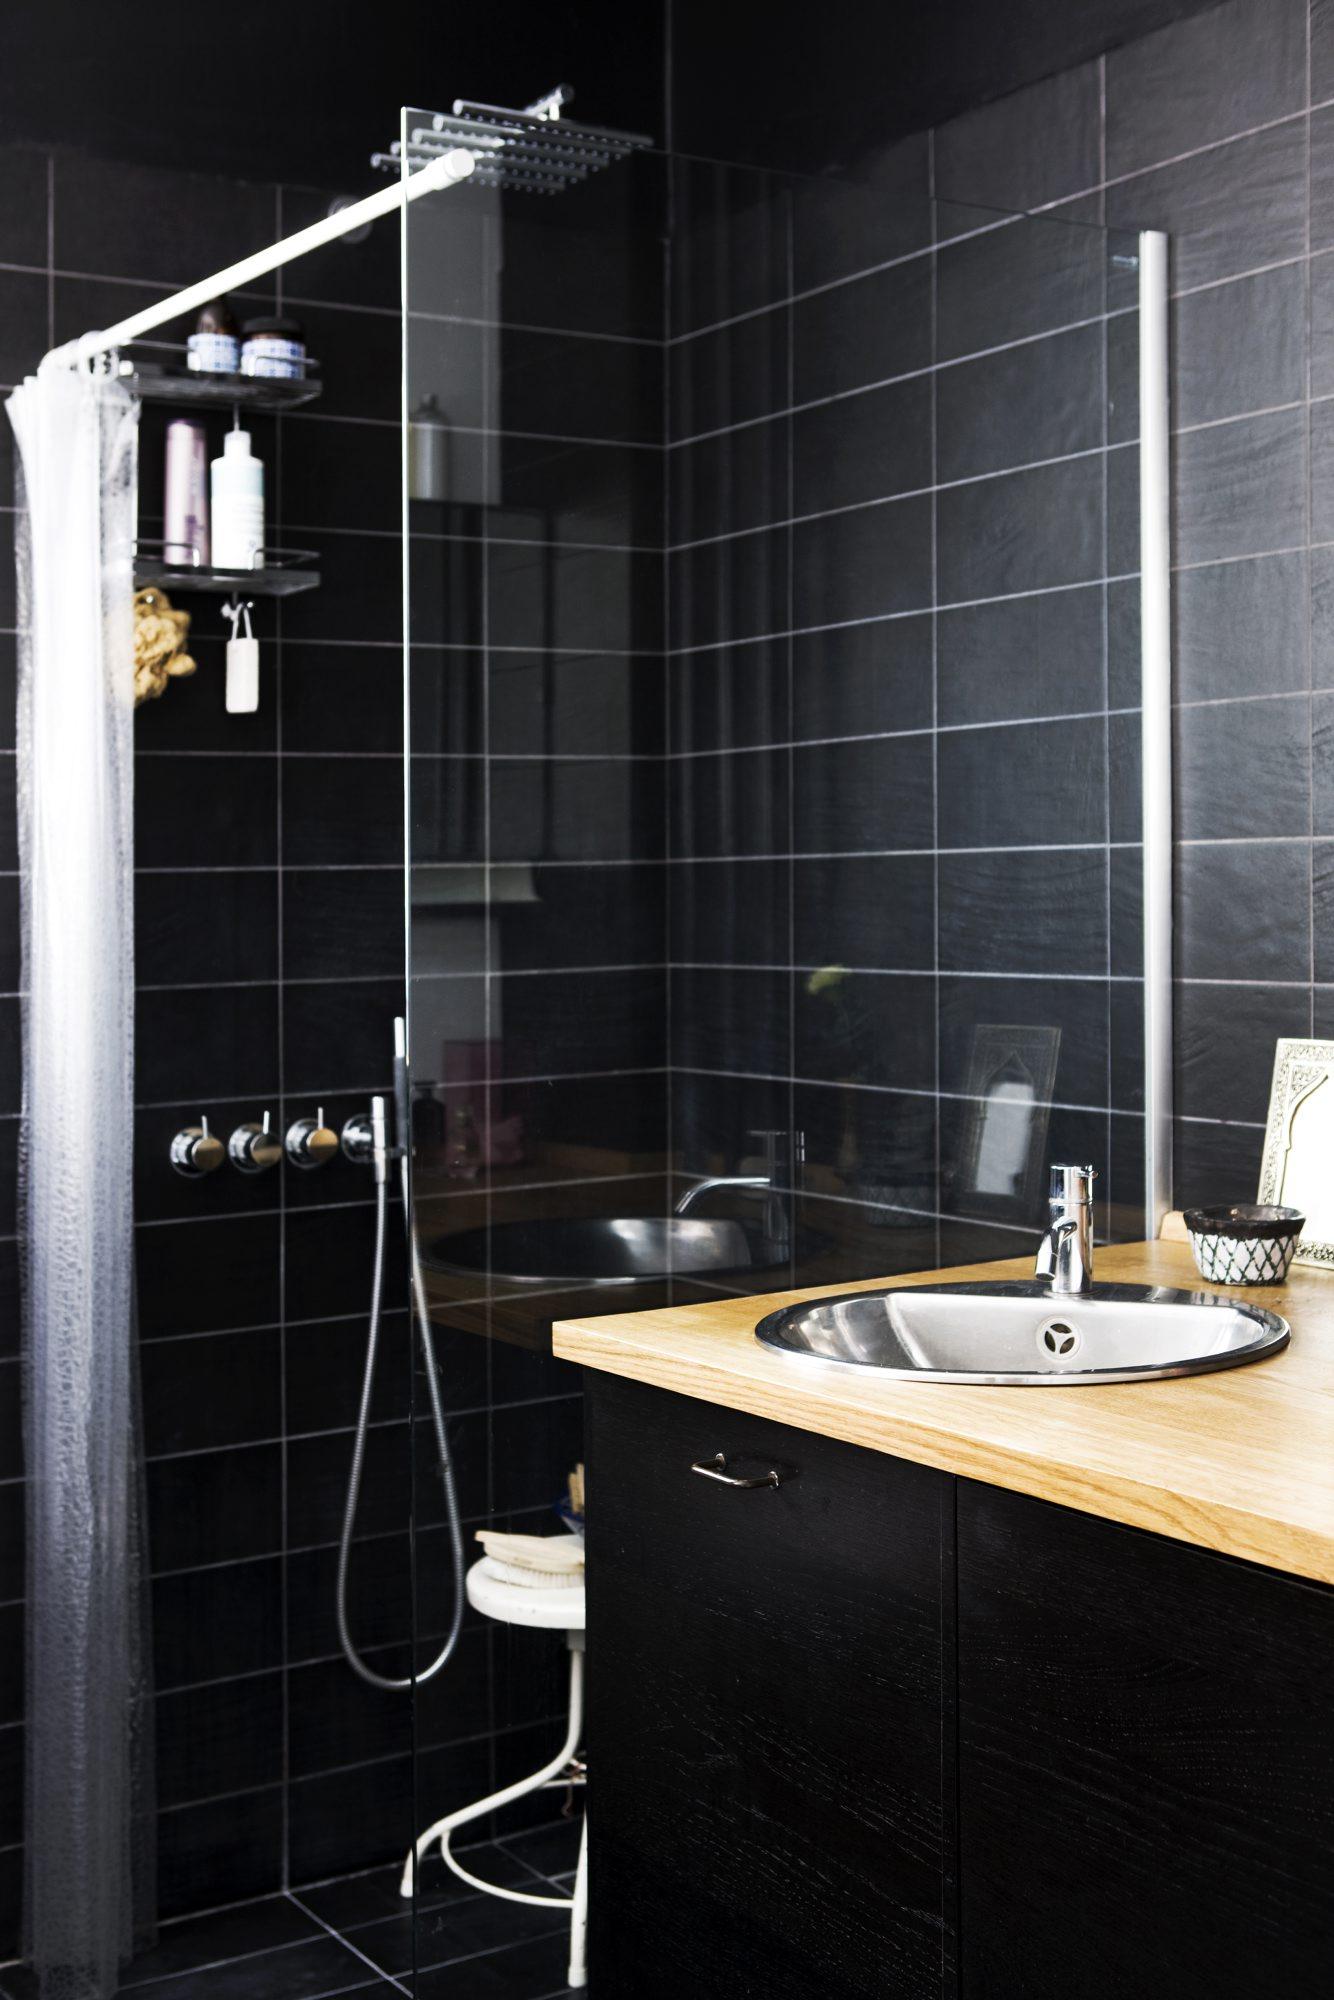 SMARTE LØSNINGER: En klar glassvegg skiller dusjen fra servanten, og gir en følelse av at rommet er større enn det er. FOTO: Tia Borgsmidt